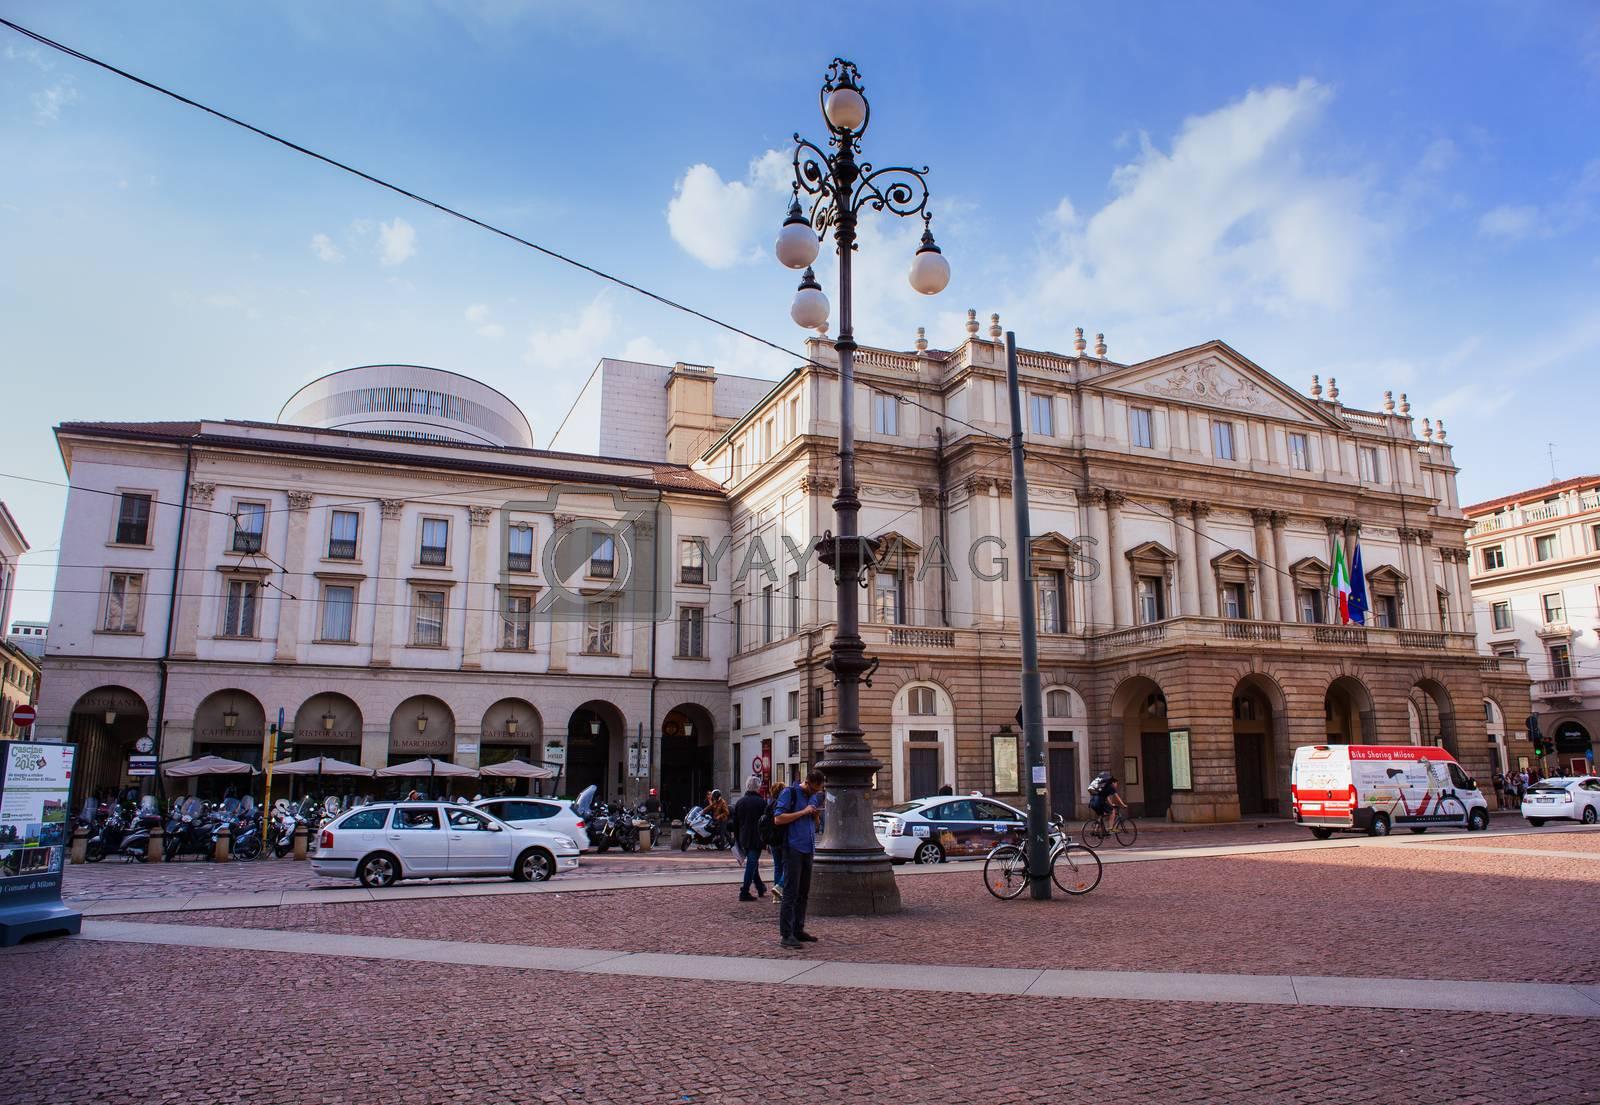 Teatro alla Scala, Milan by bepsimage